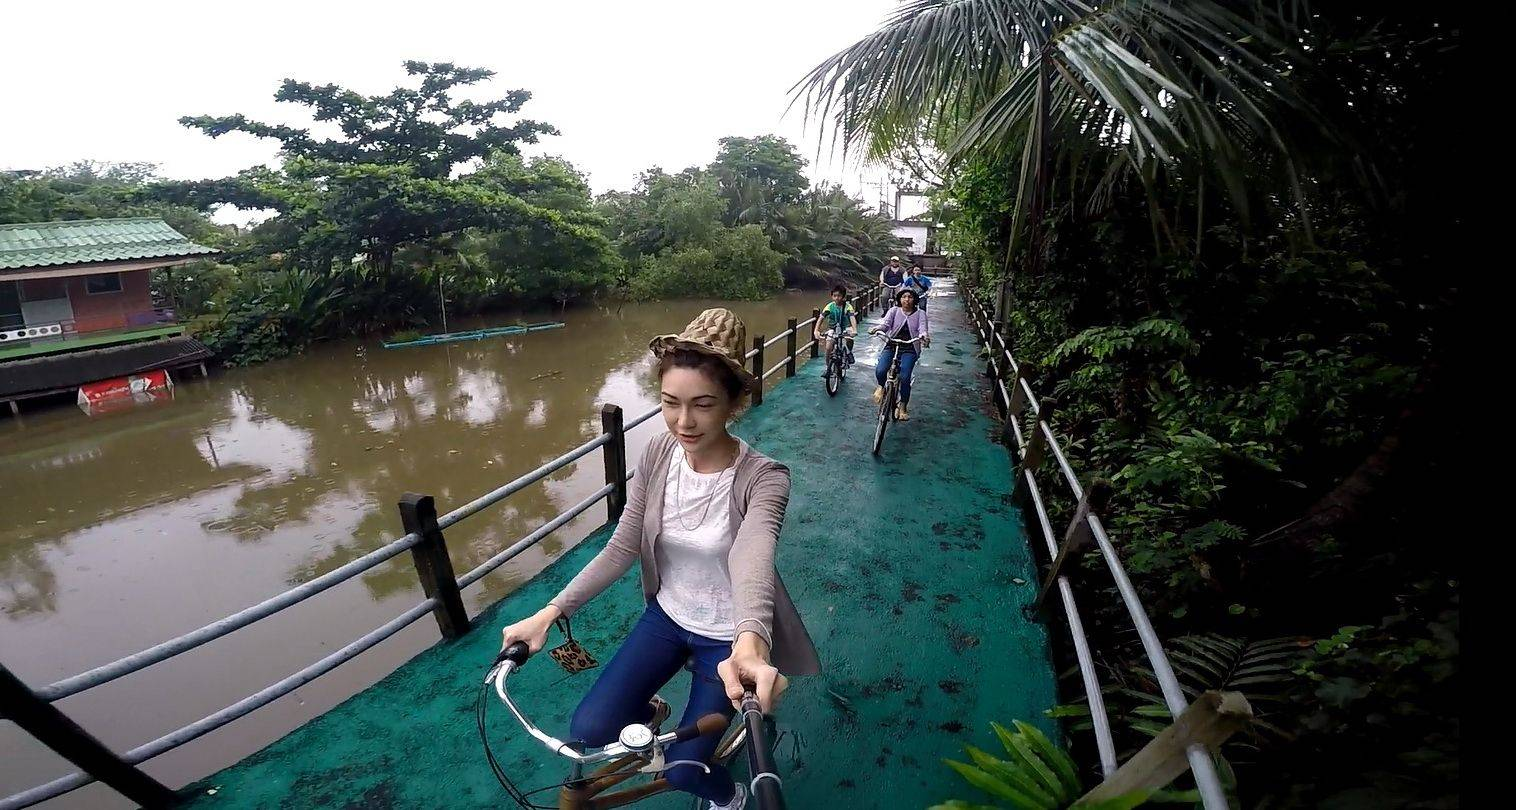 Bamboo Bike Bangkok Jungle Oasis - Unique Bang Kra Choa (Bang Kra Jao) bicycle trip. (Sat, Sun and Thai holiday)